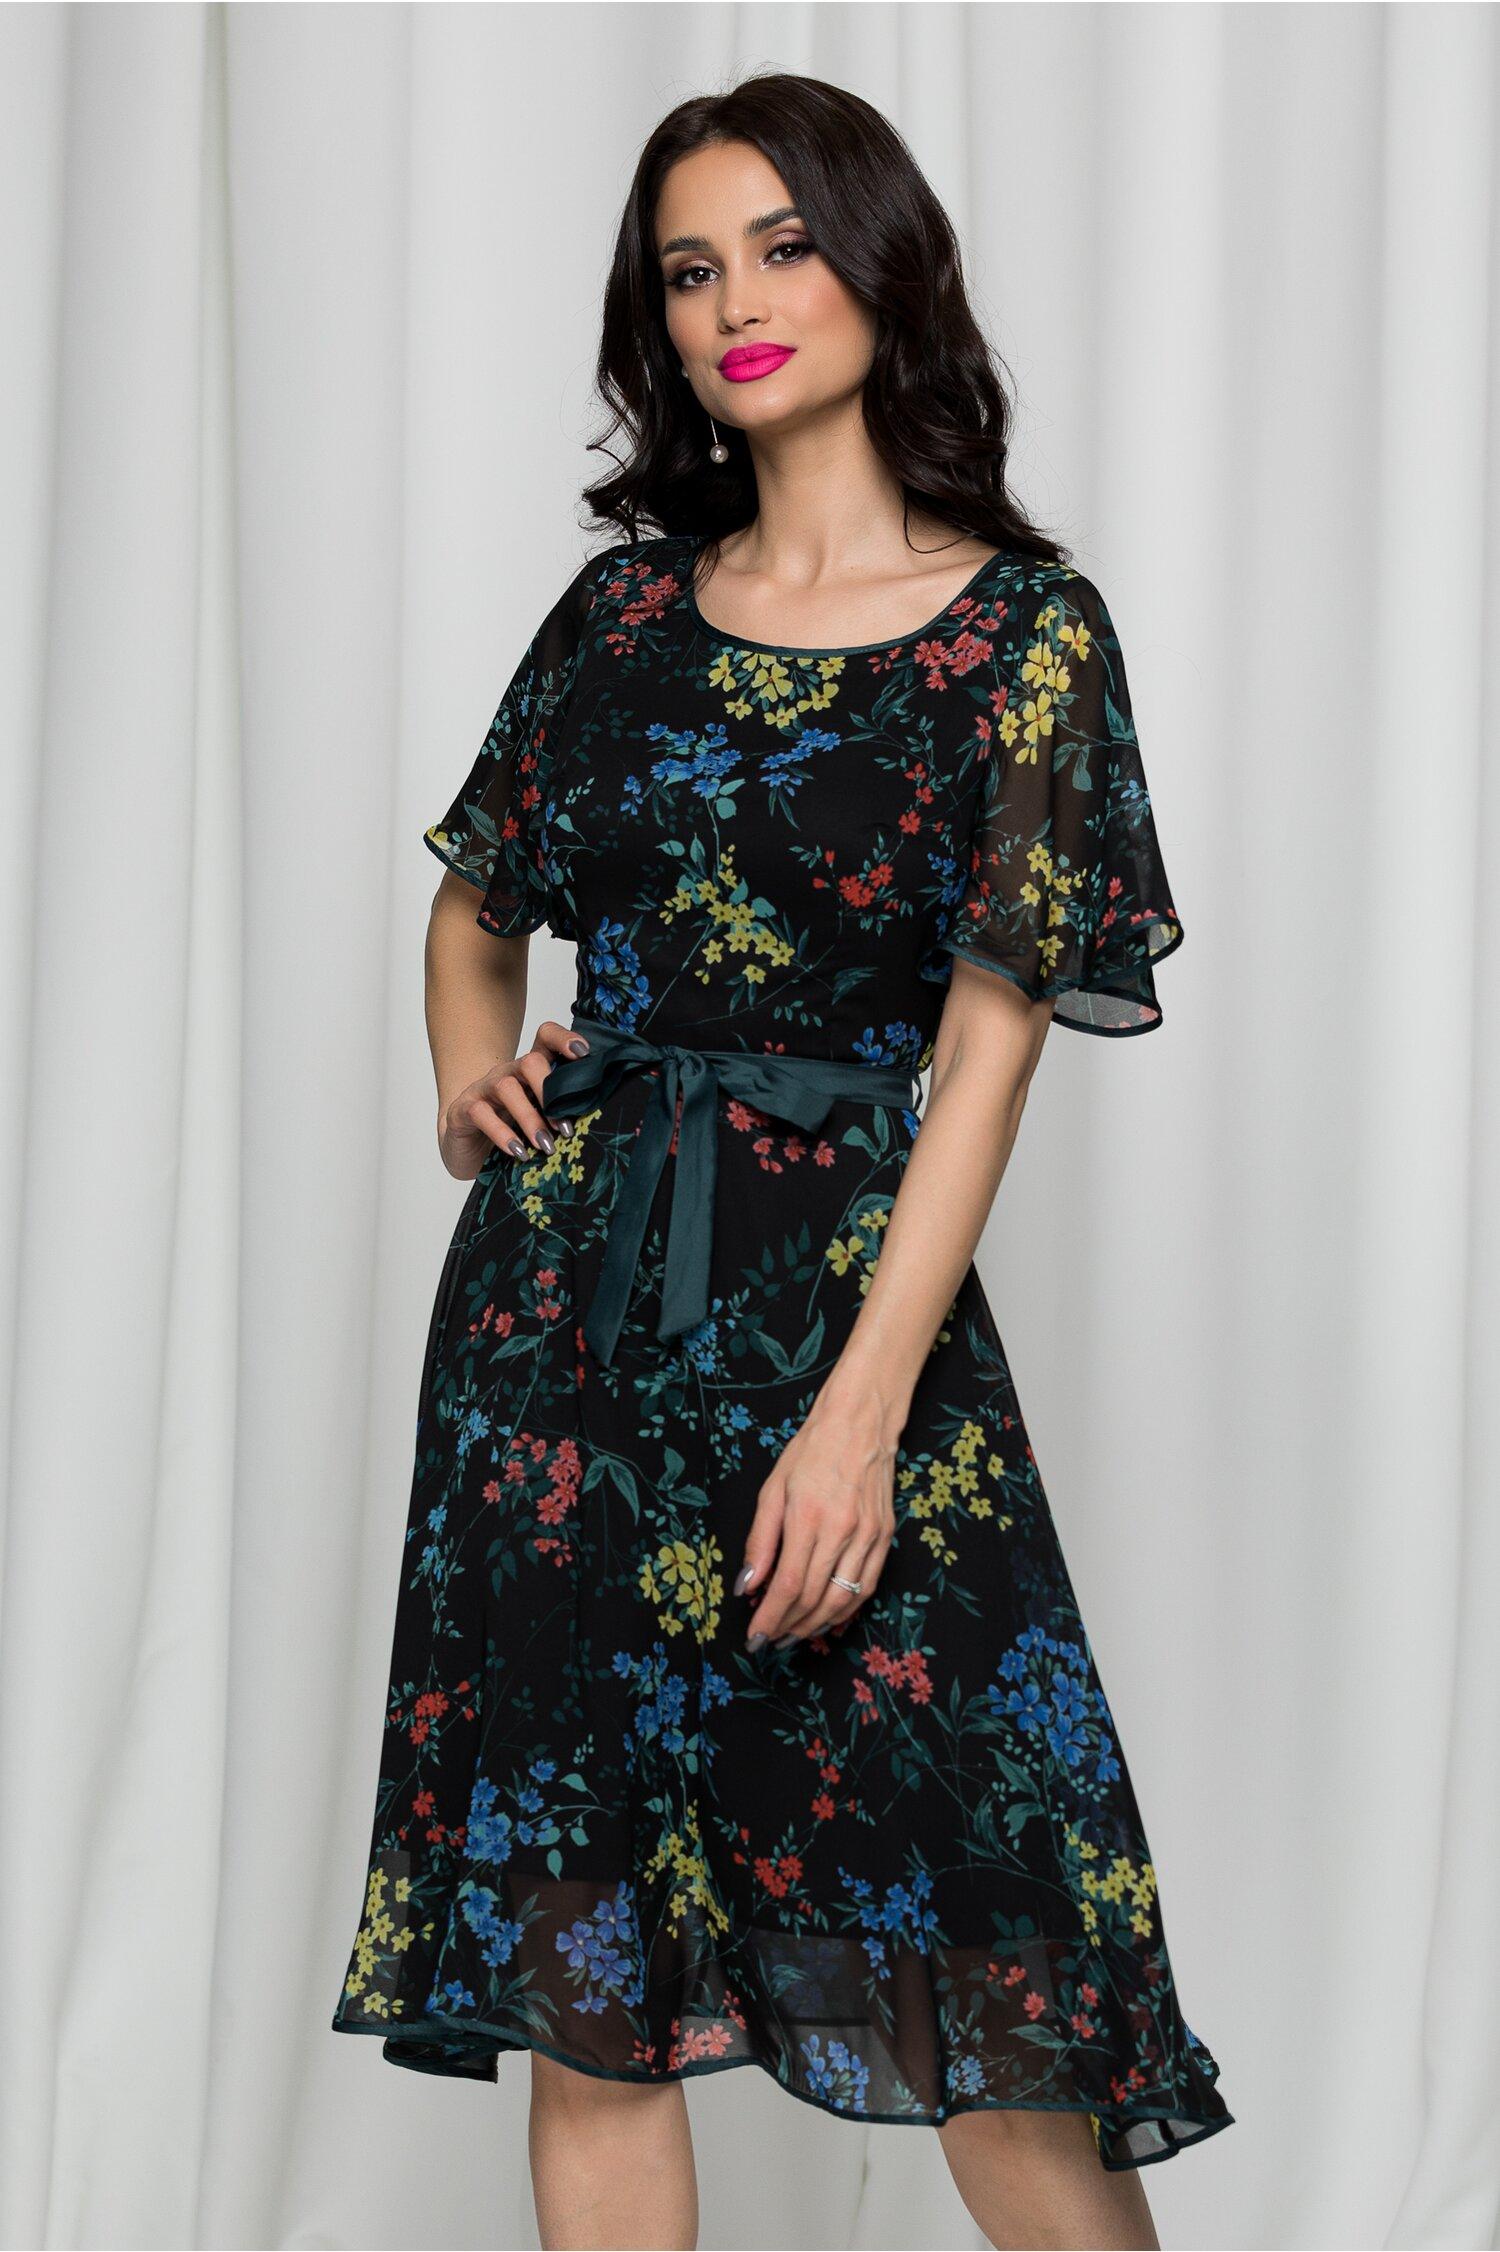 Rochie Kati neagra cu flori colorate